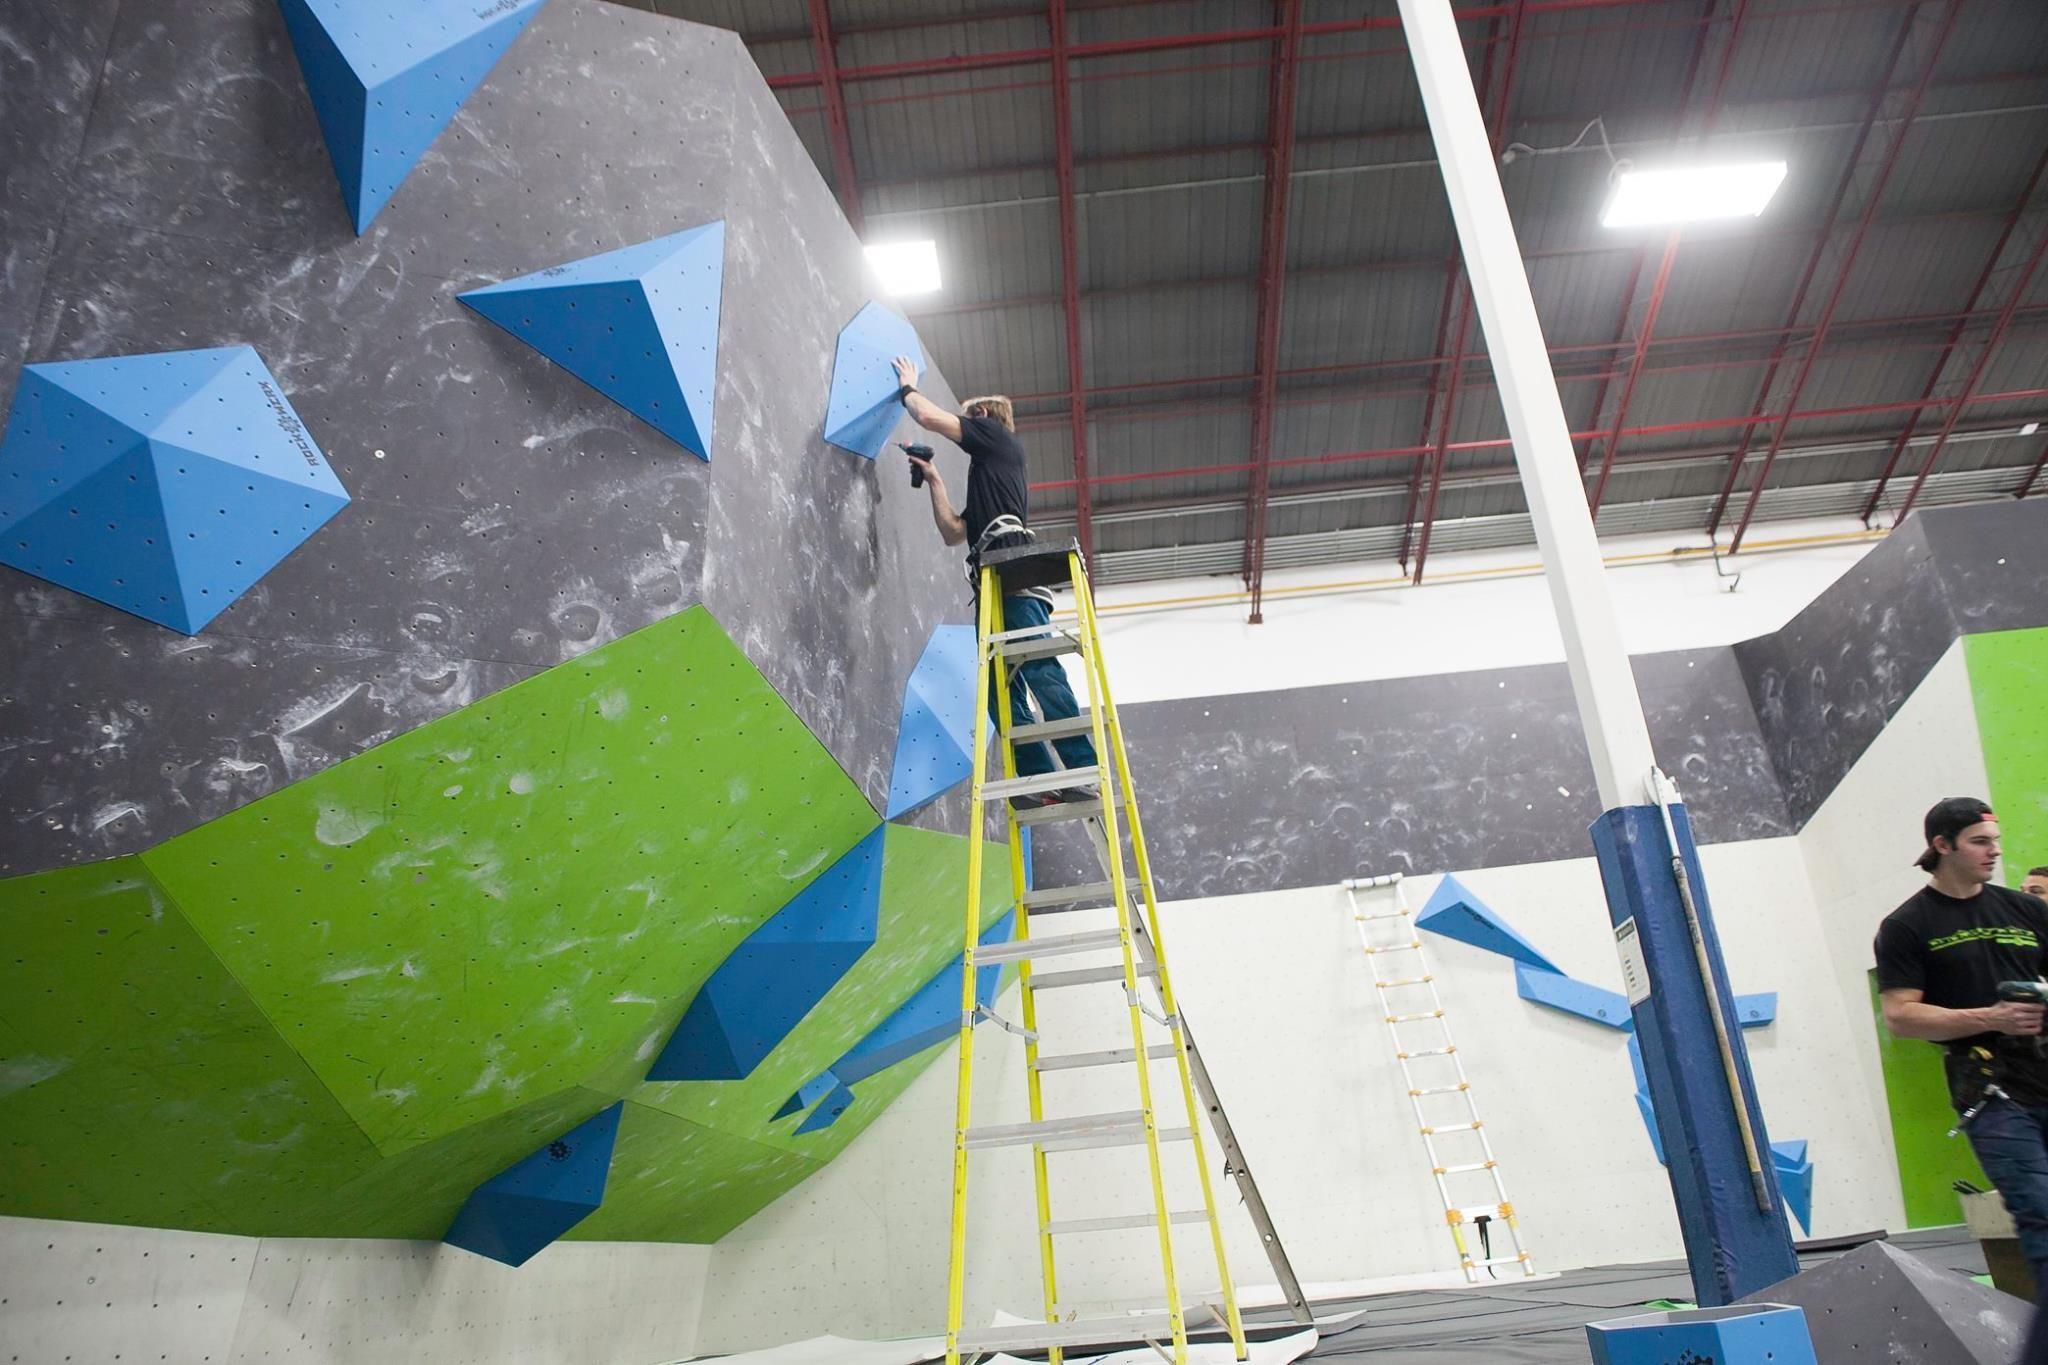 Bouldering Wall Climbing Wall Pin by sam